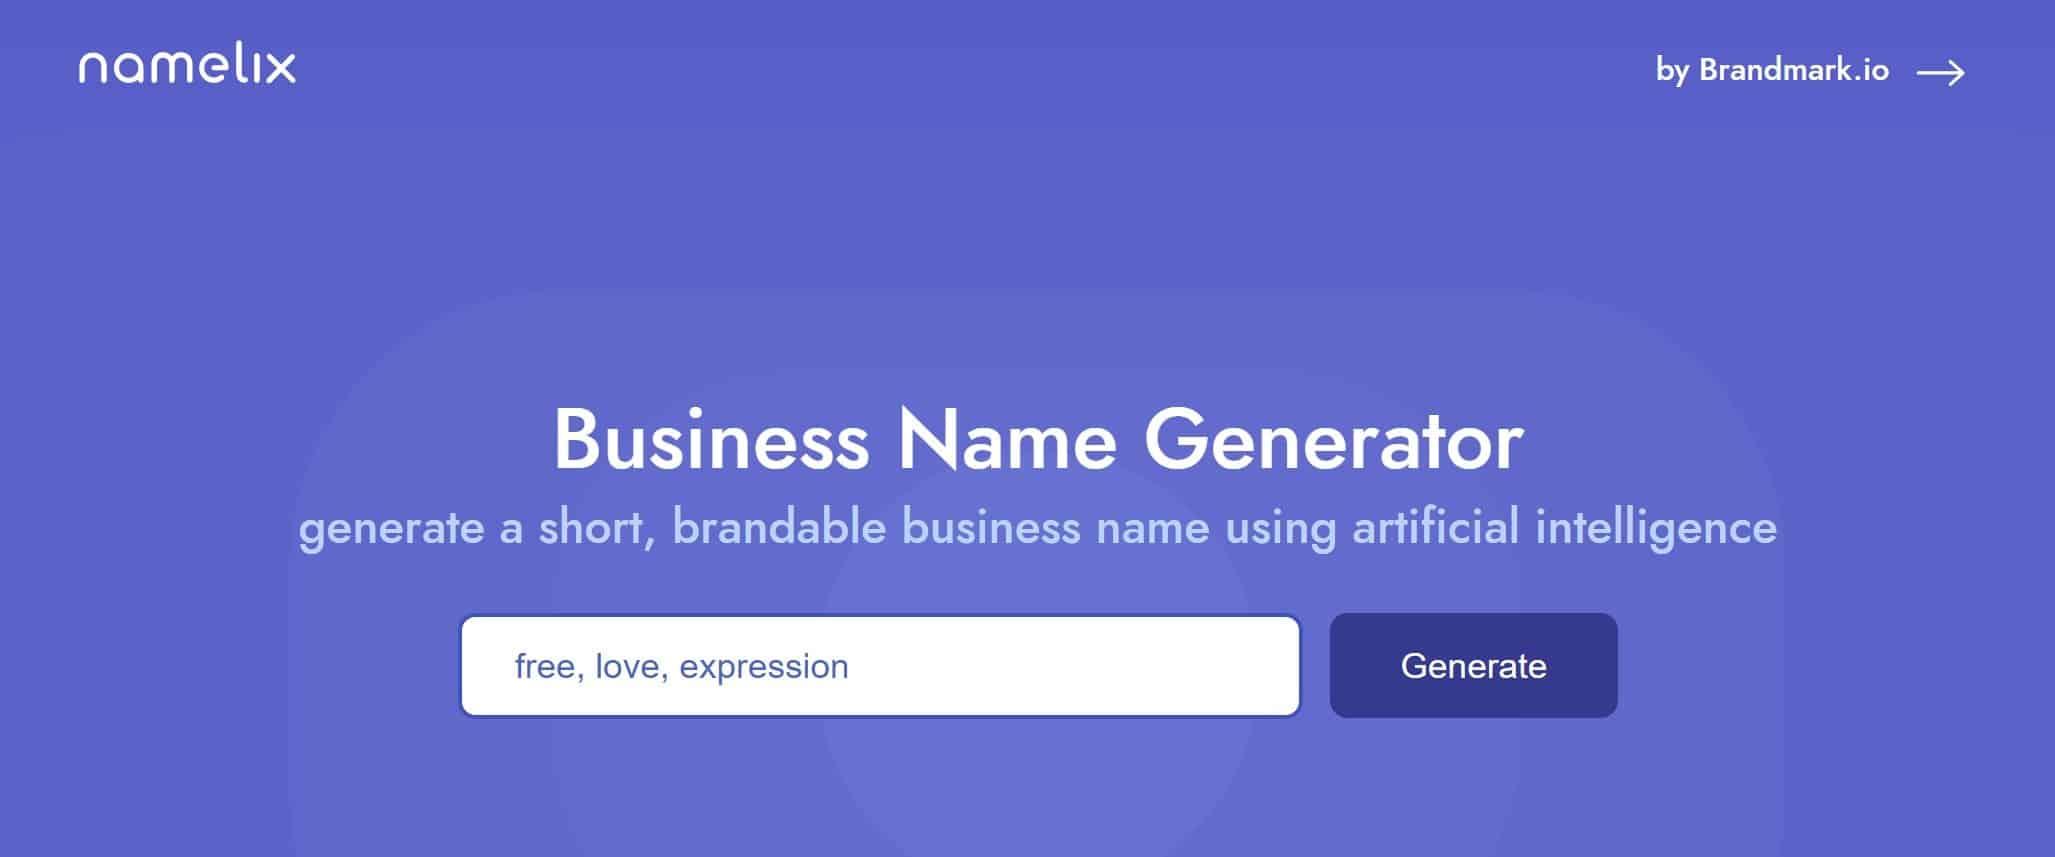 business name generator1